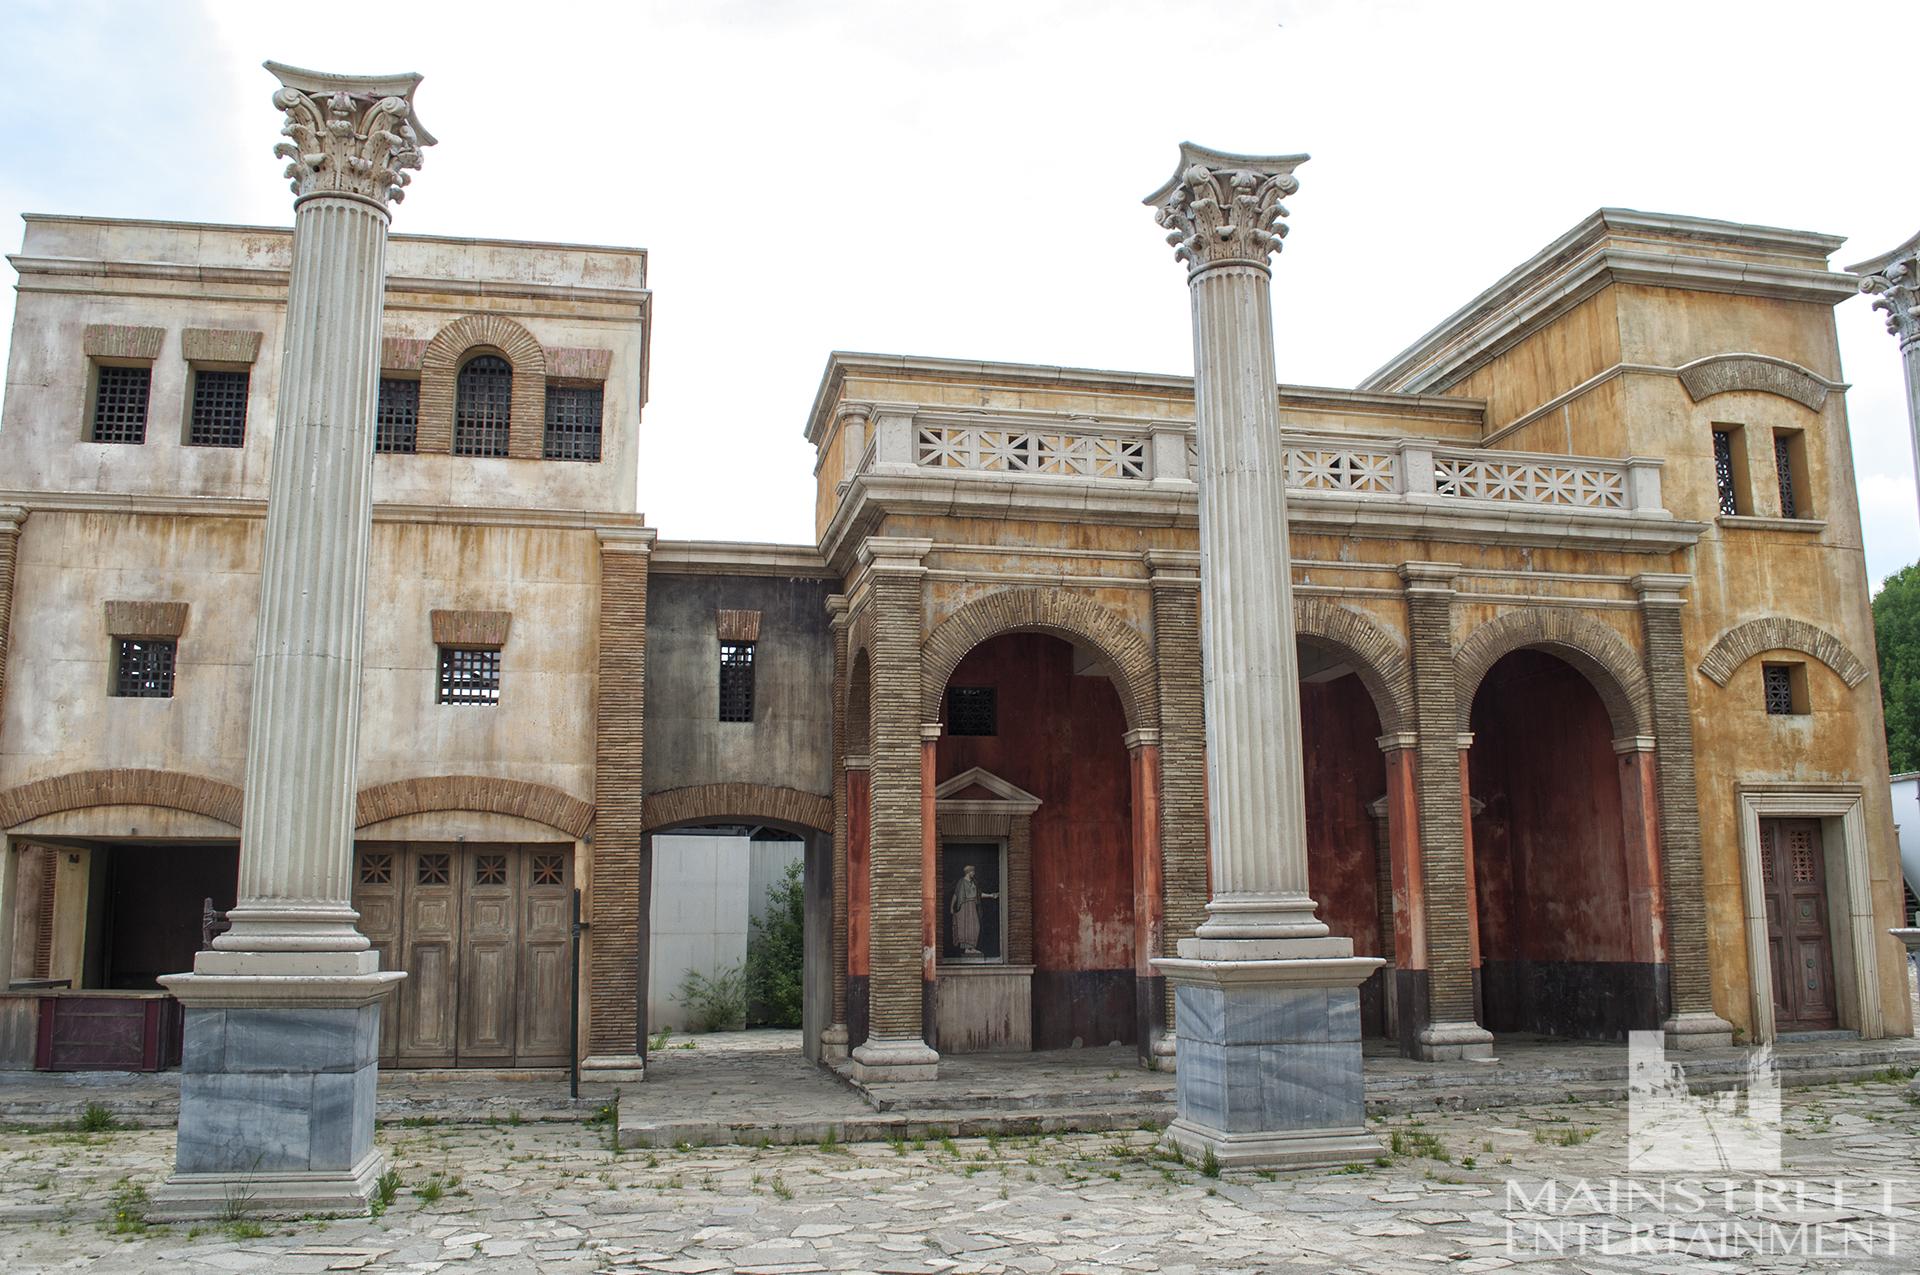 Ancient Rome backlot set open market